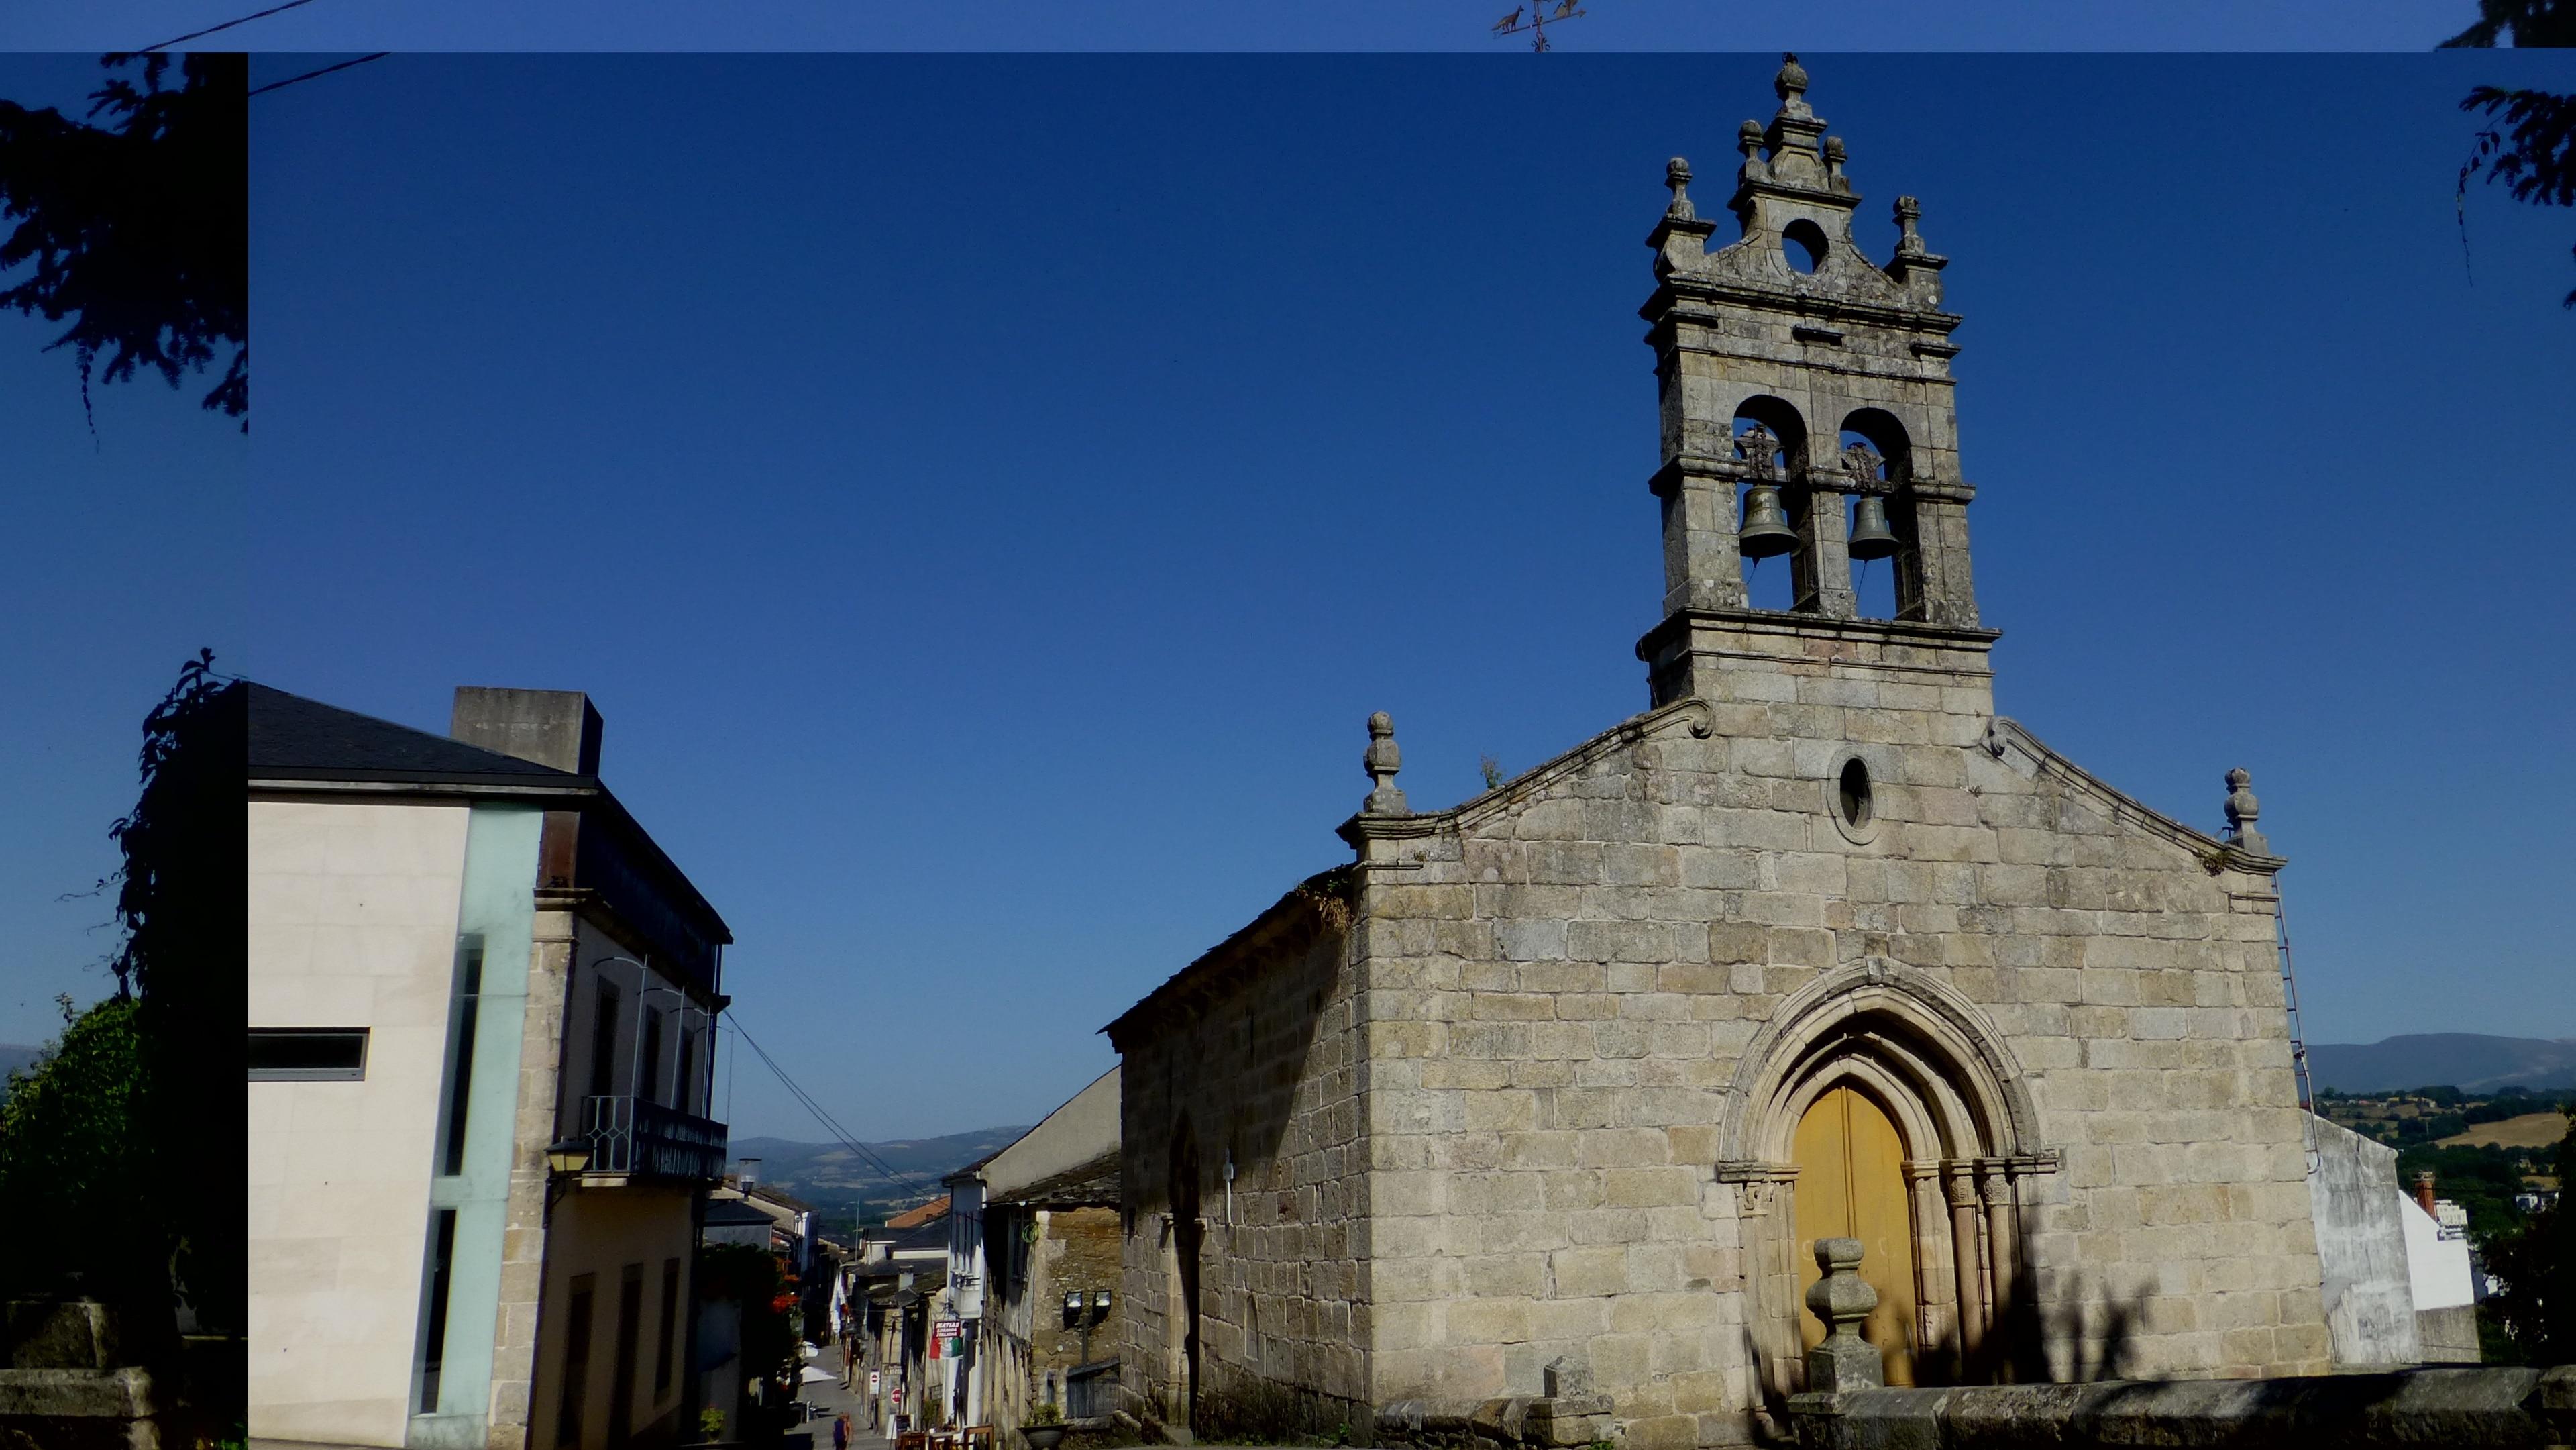 Sarria (Lugo), Galicia, Spain